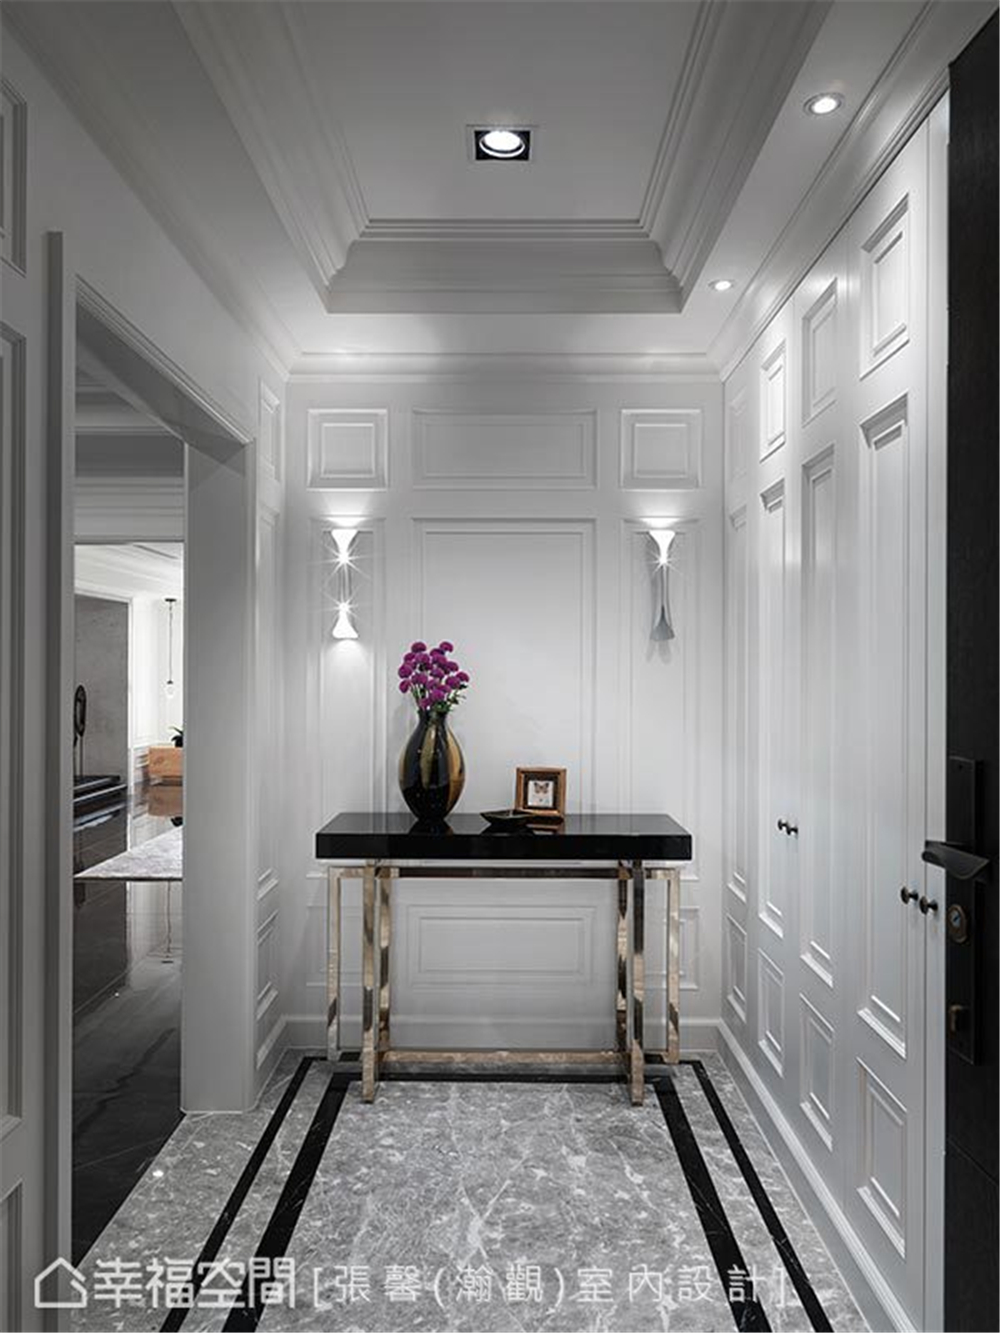 现代风格 装修设计 装修完成 玄关图片来自幸福空间在182平,582魔法  黑白灰个性宅的分享